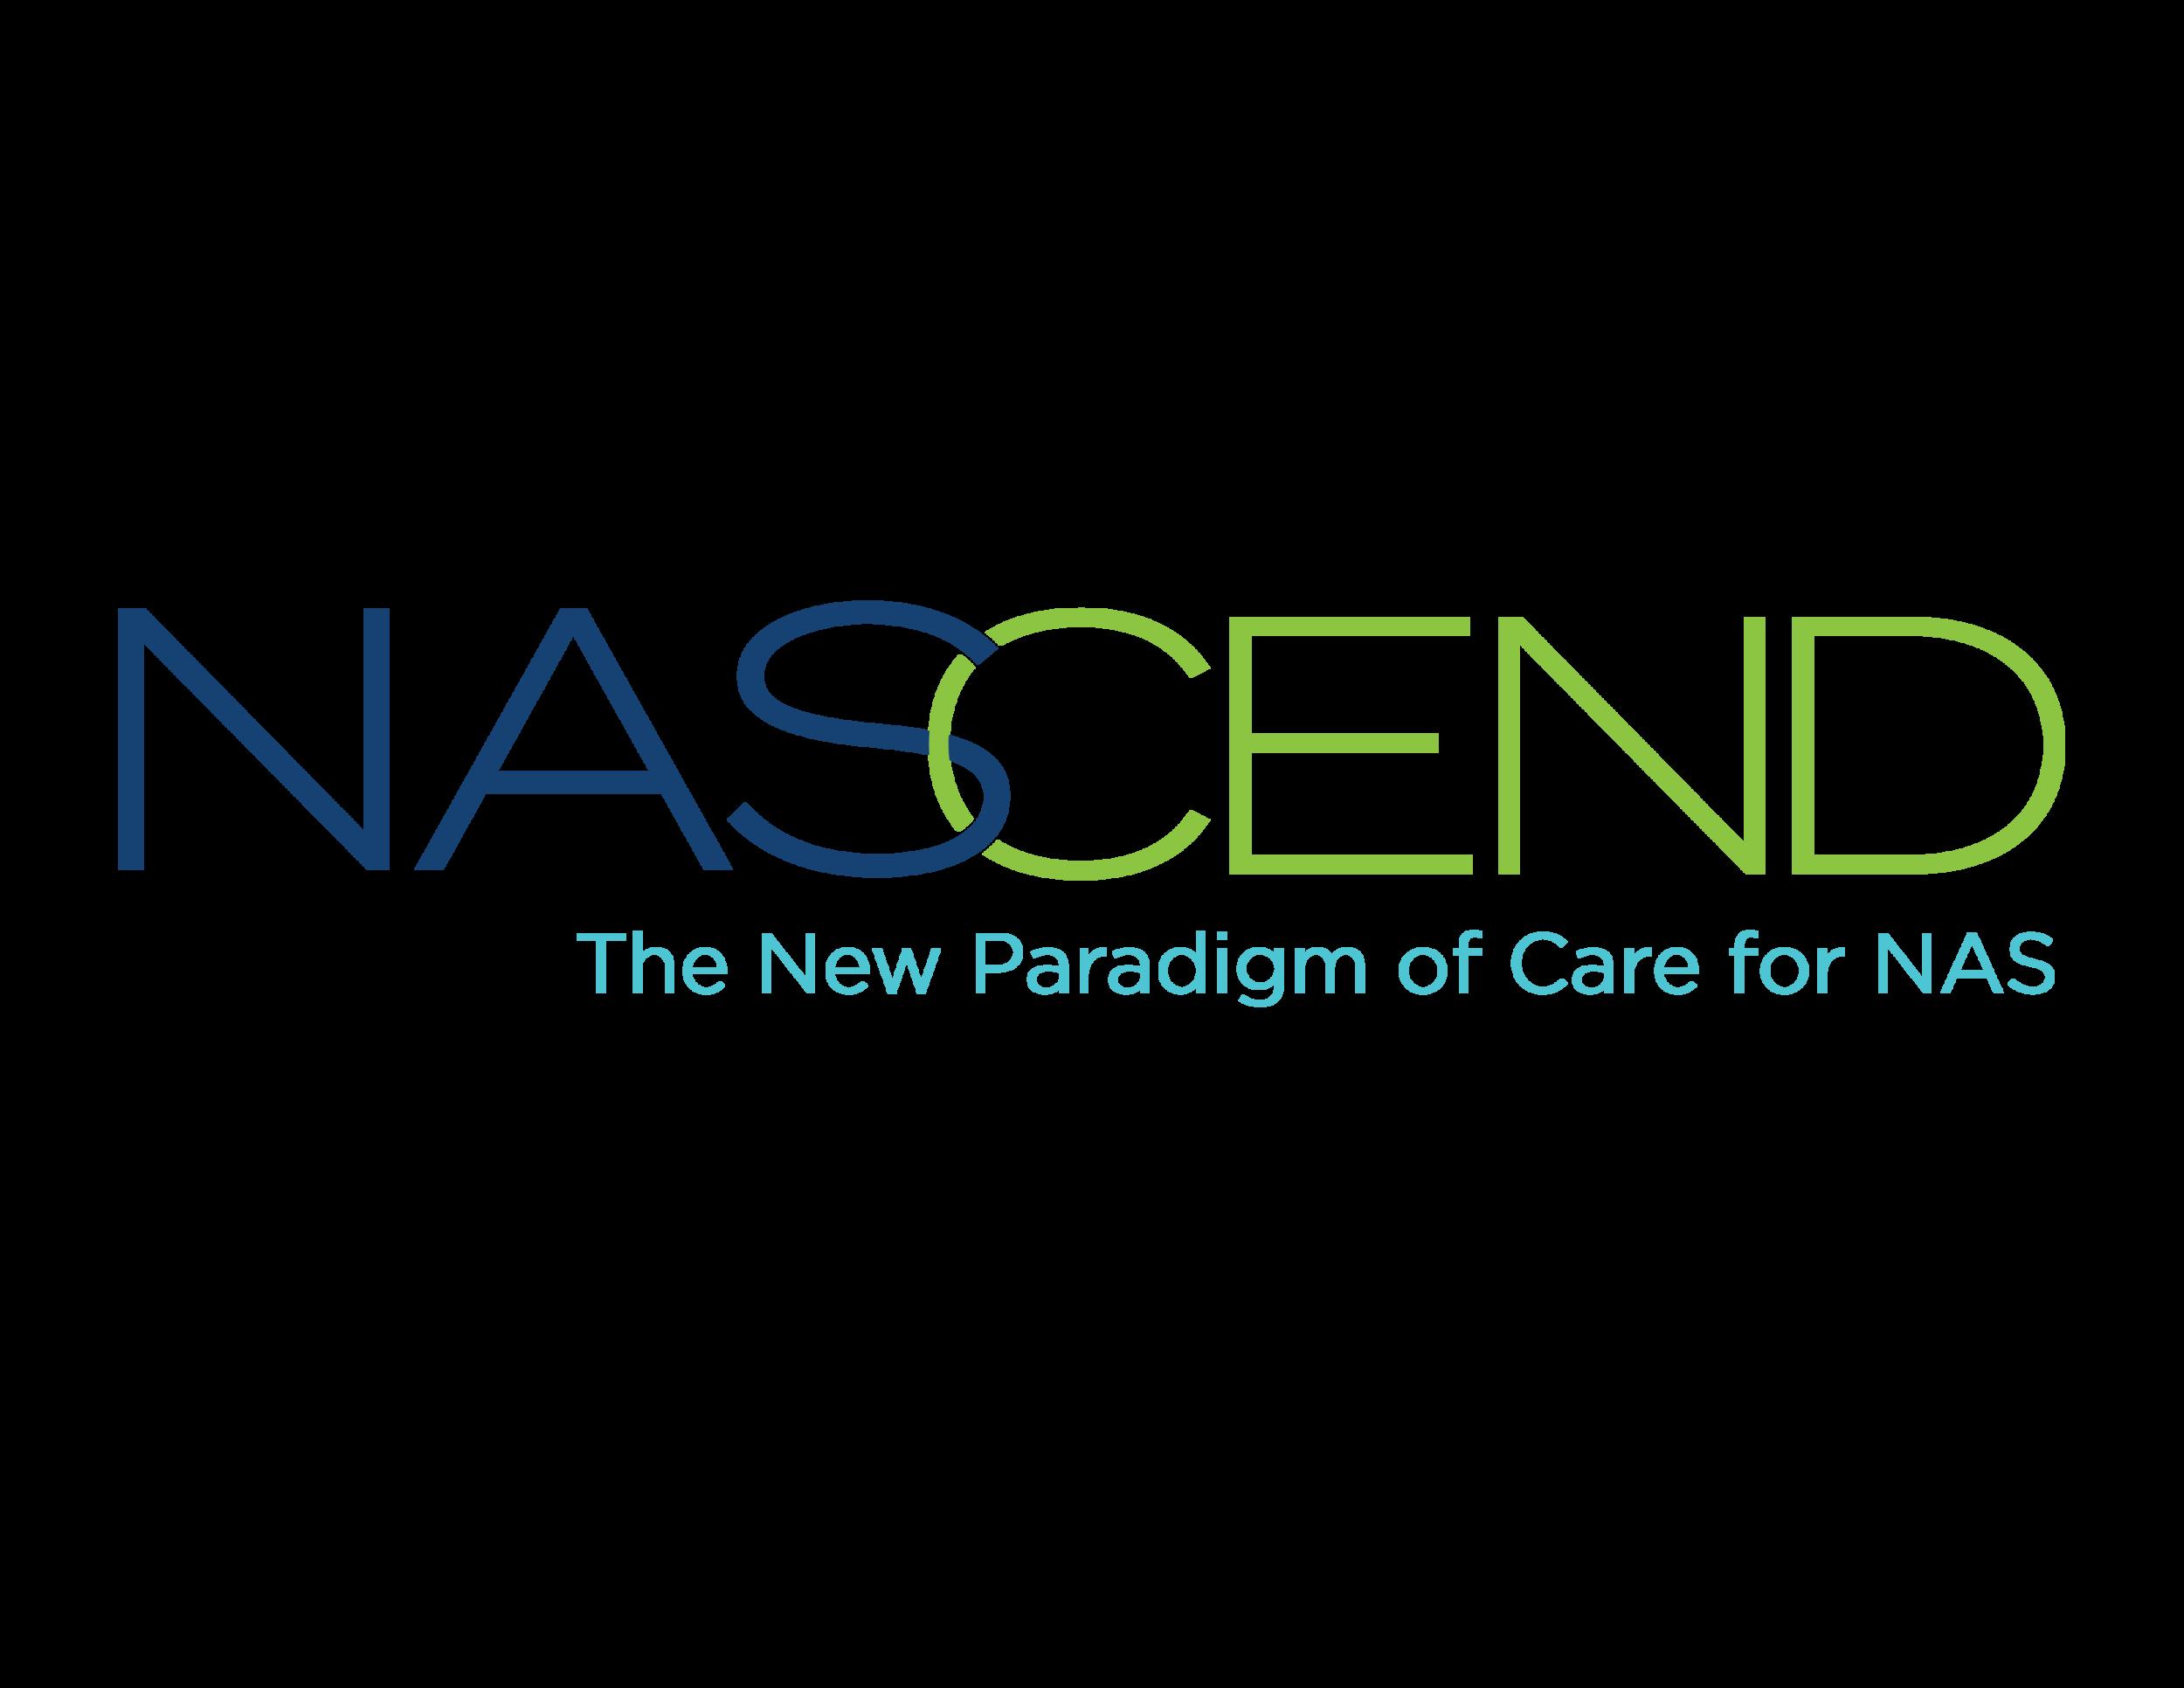 new-nascend-logo-11-2017-final-01.png